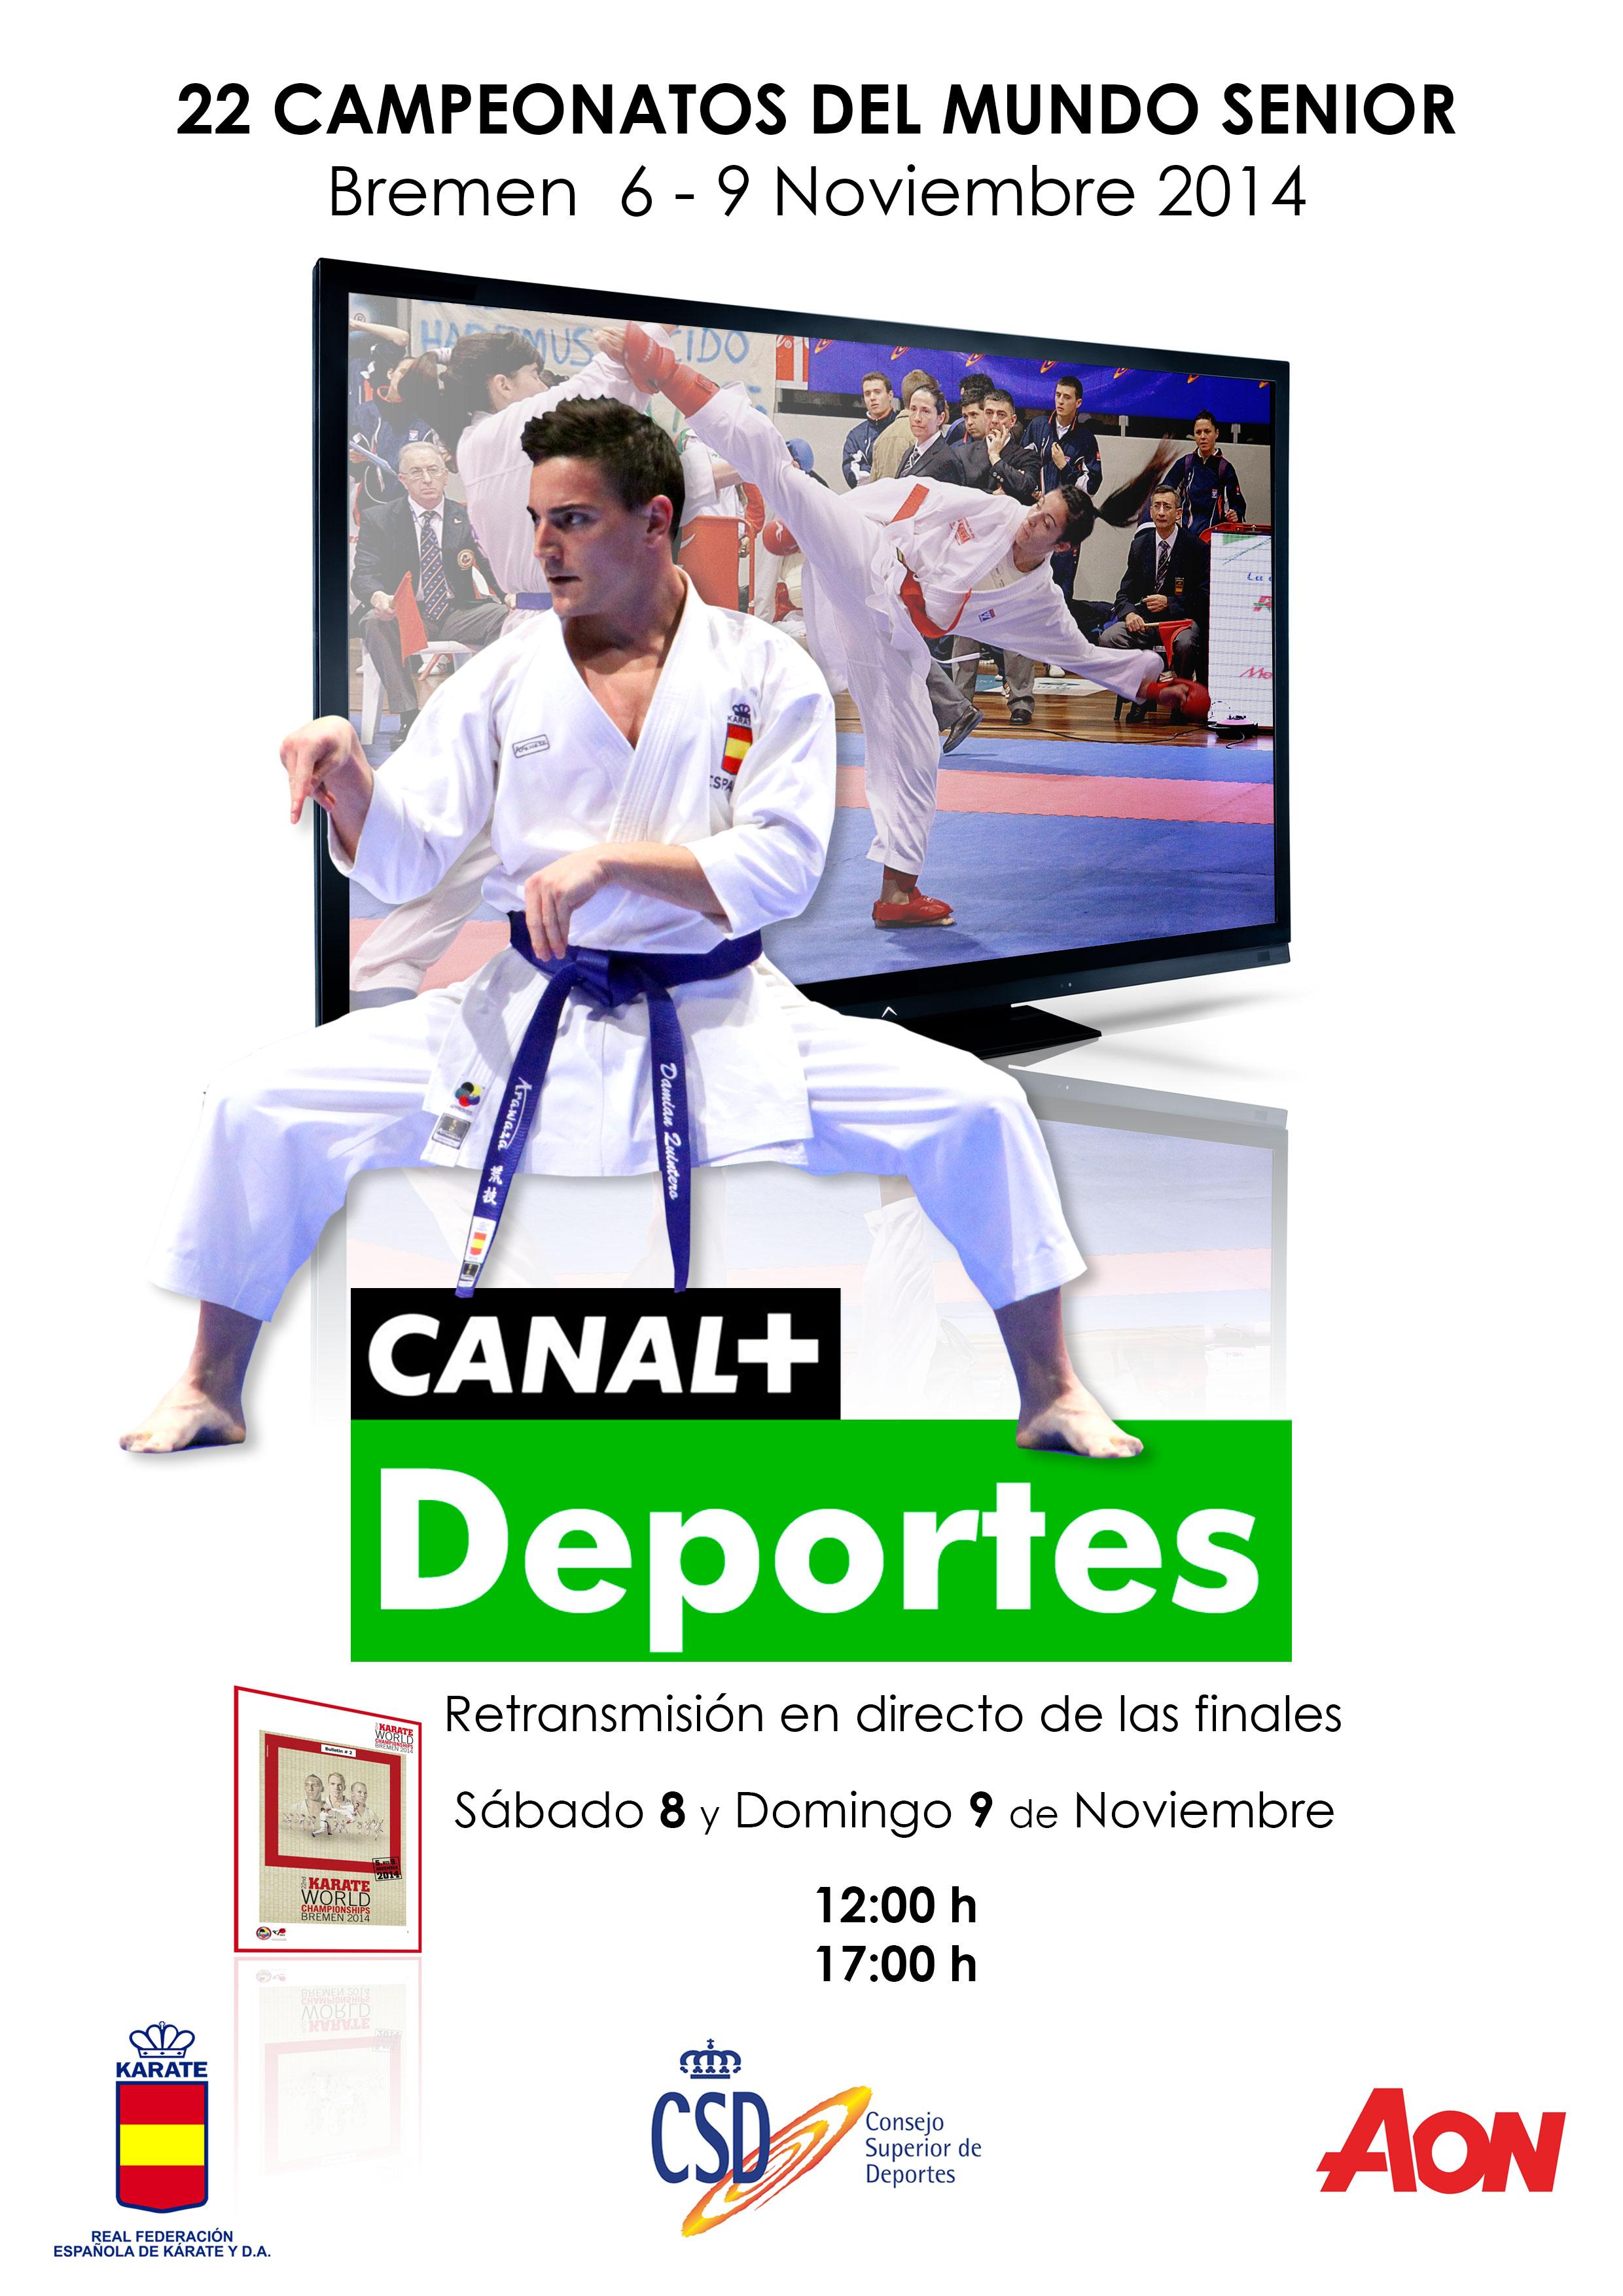 Campeonato del Mundo de Karate 2014 · Bremen en Canal+ Deportes